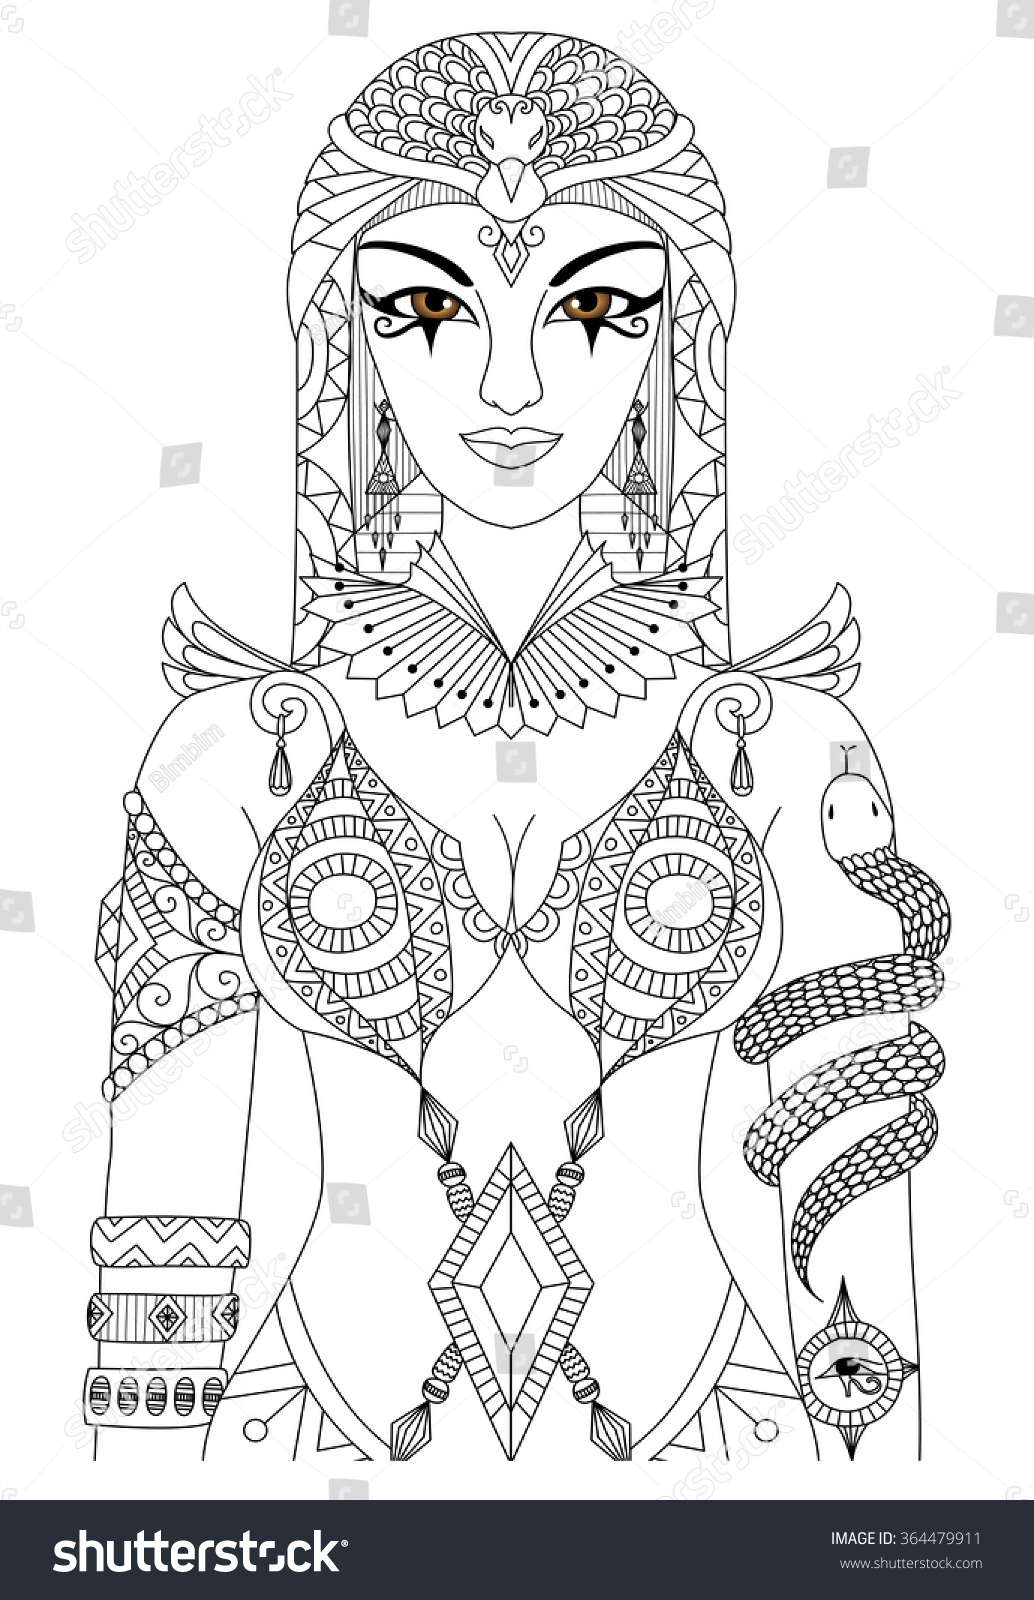 zentangle cleopatra queen egypt design coloring stock vector